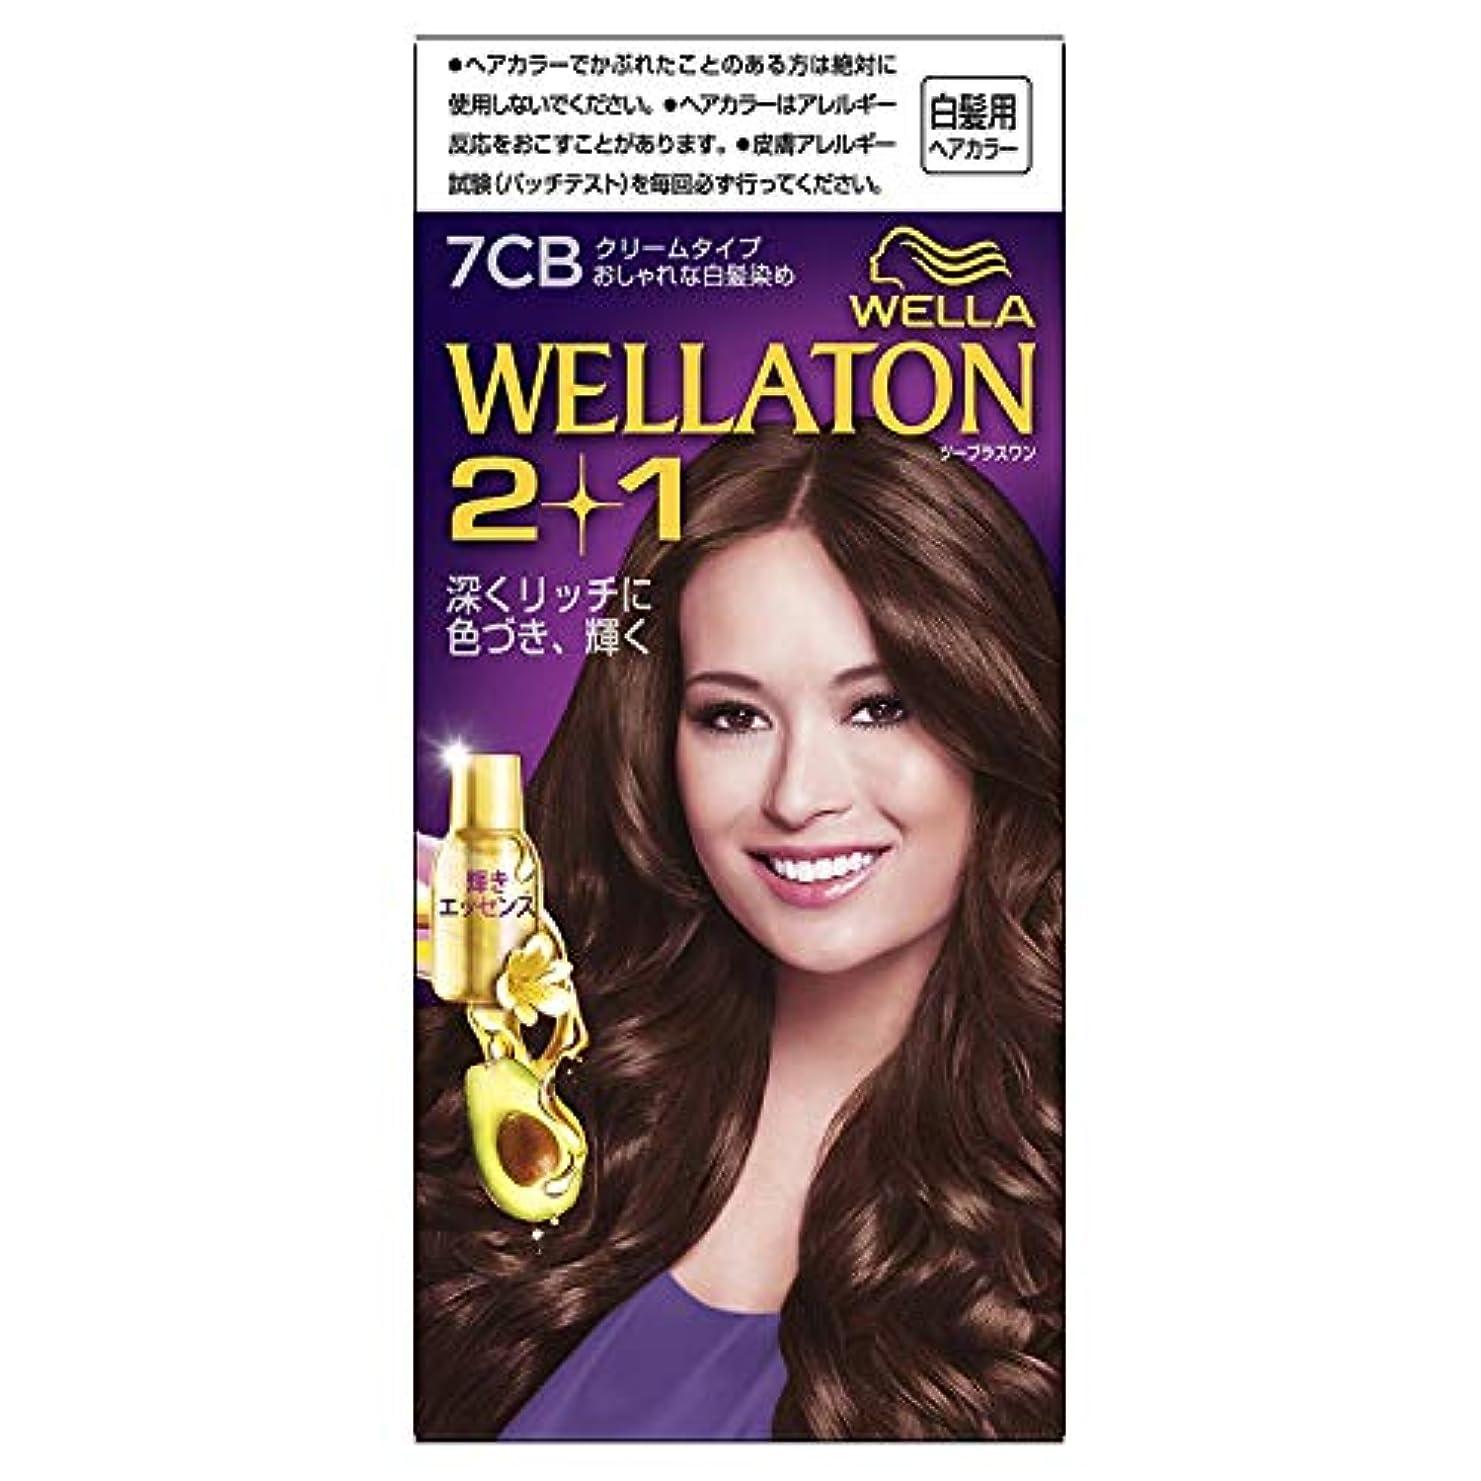 回転させる資格情報高揚したウエラトーン2+1 白髪染め クリームタイプ 7CB [医薬部外品] ×6個